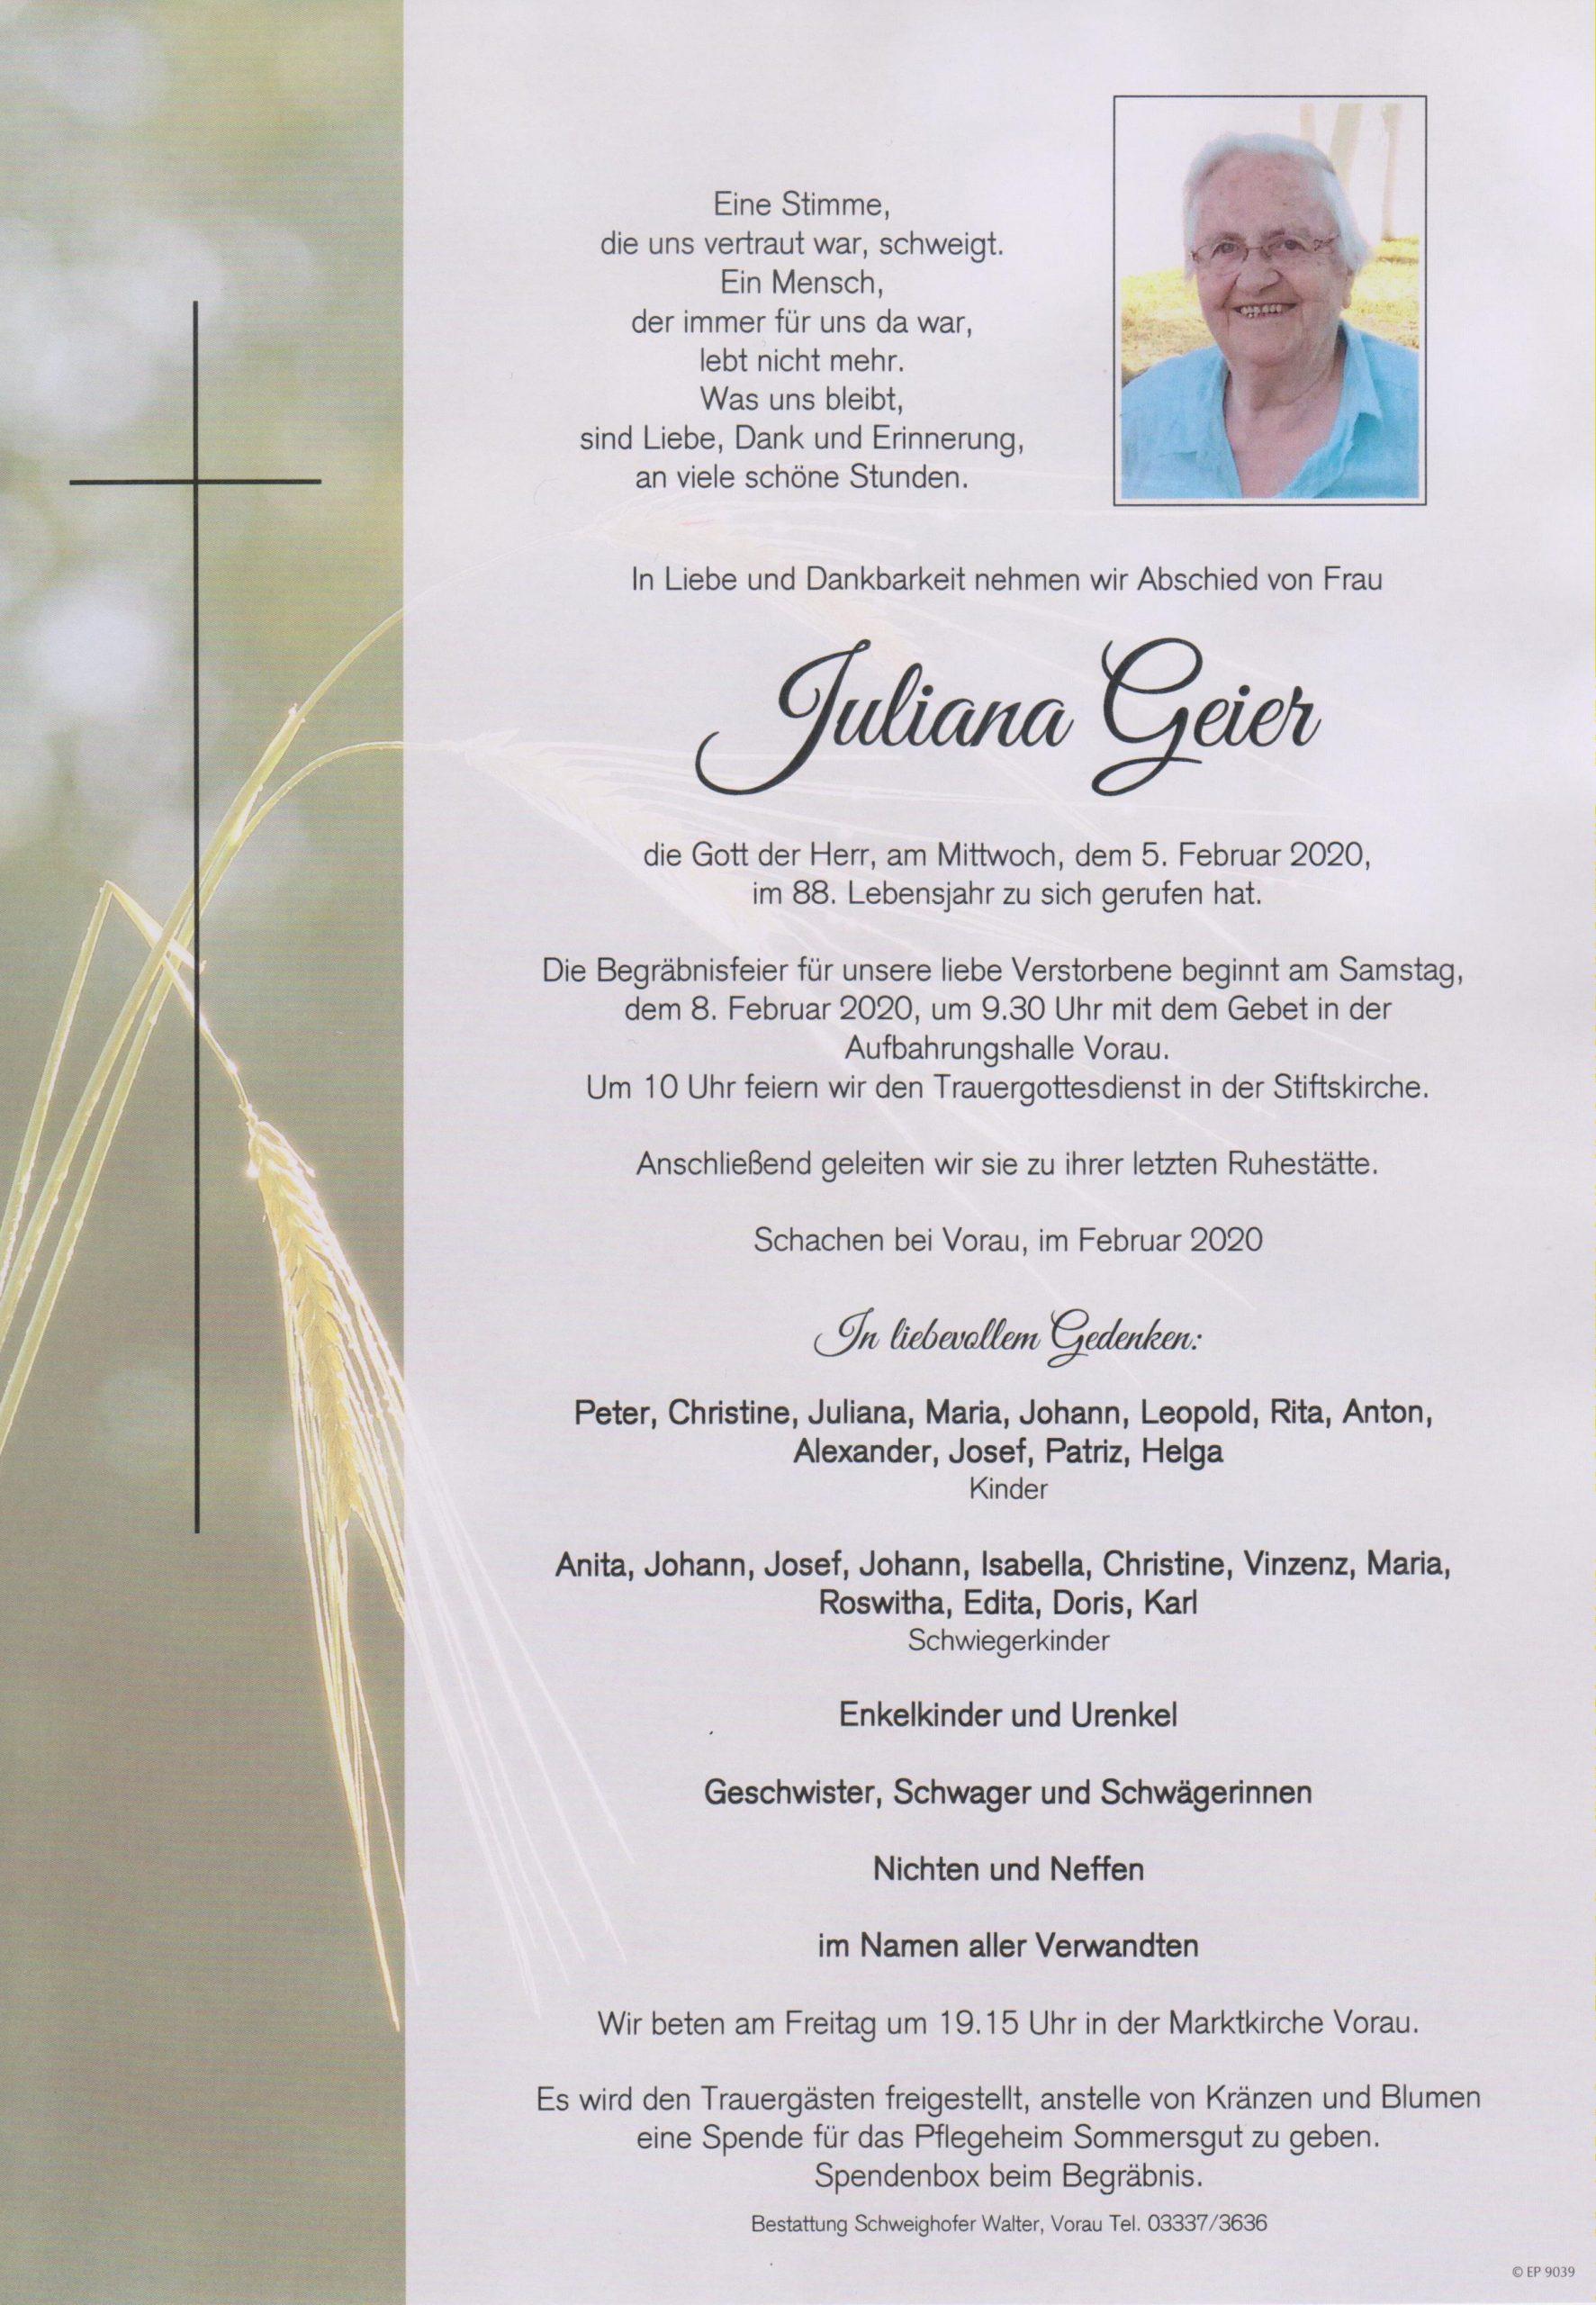 Juliana Geier